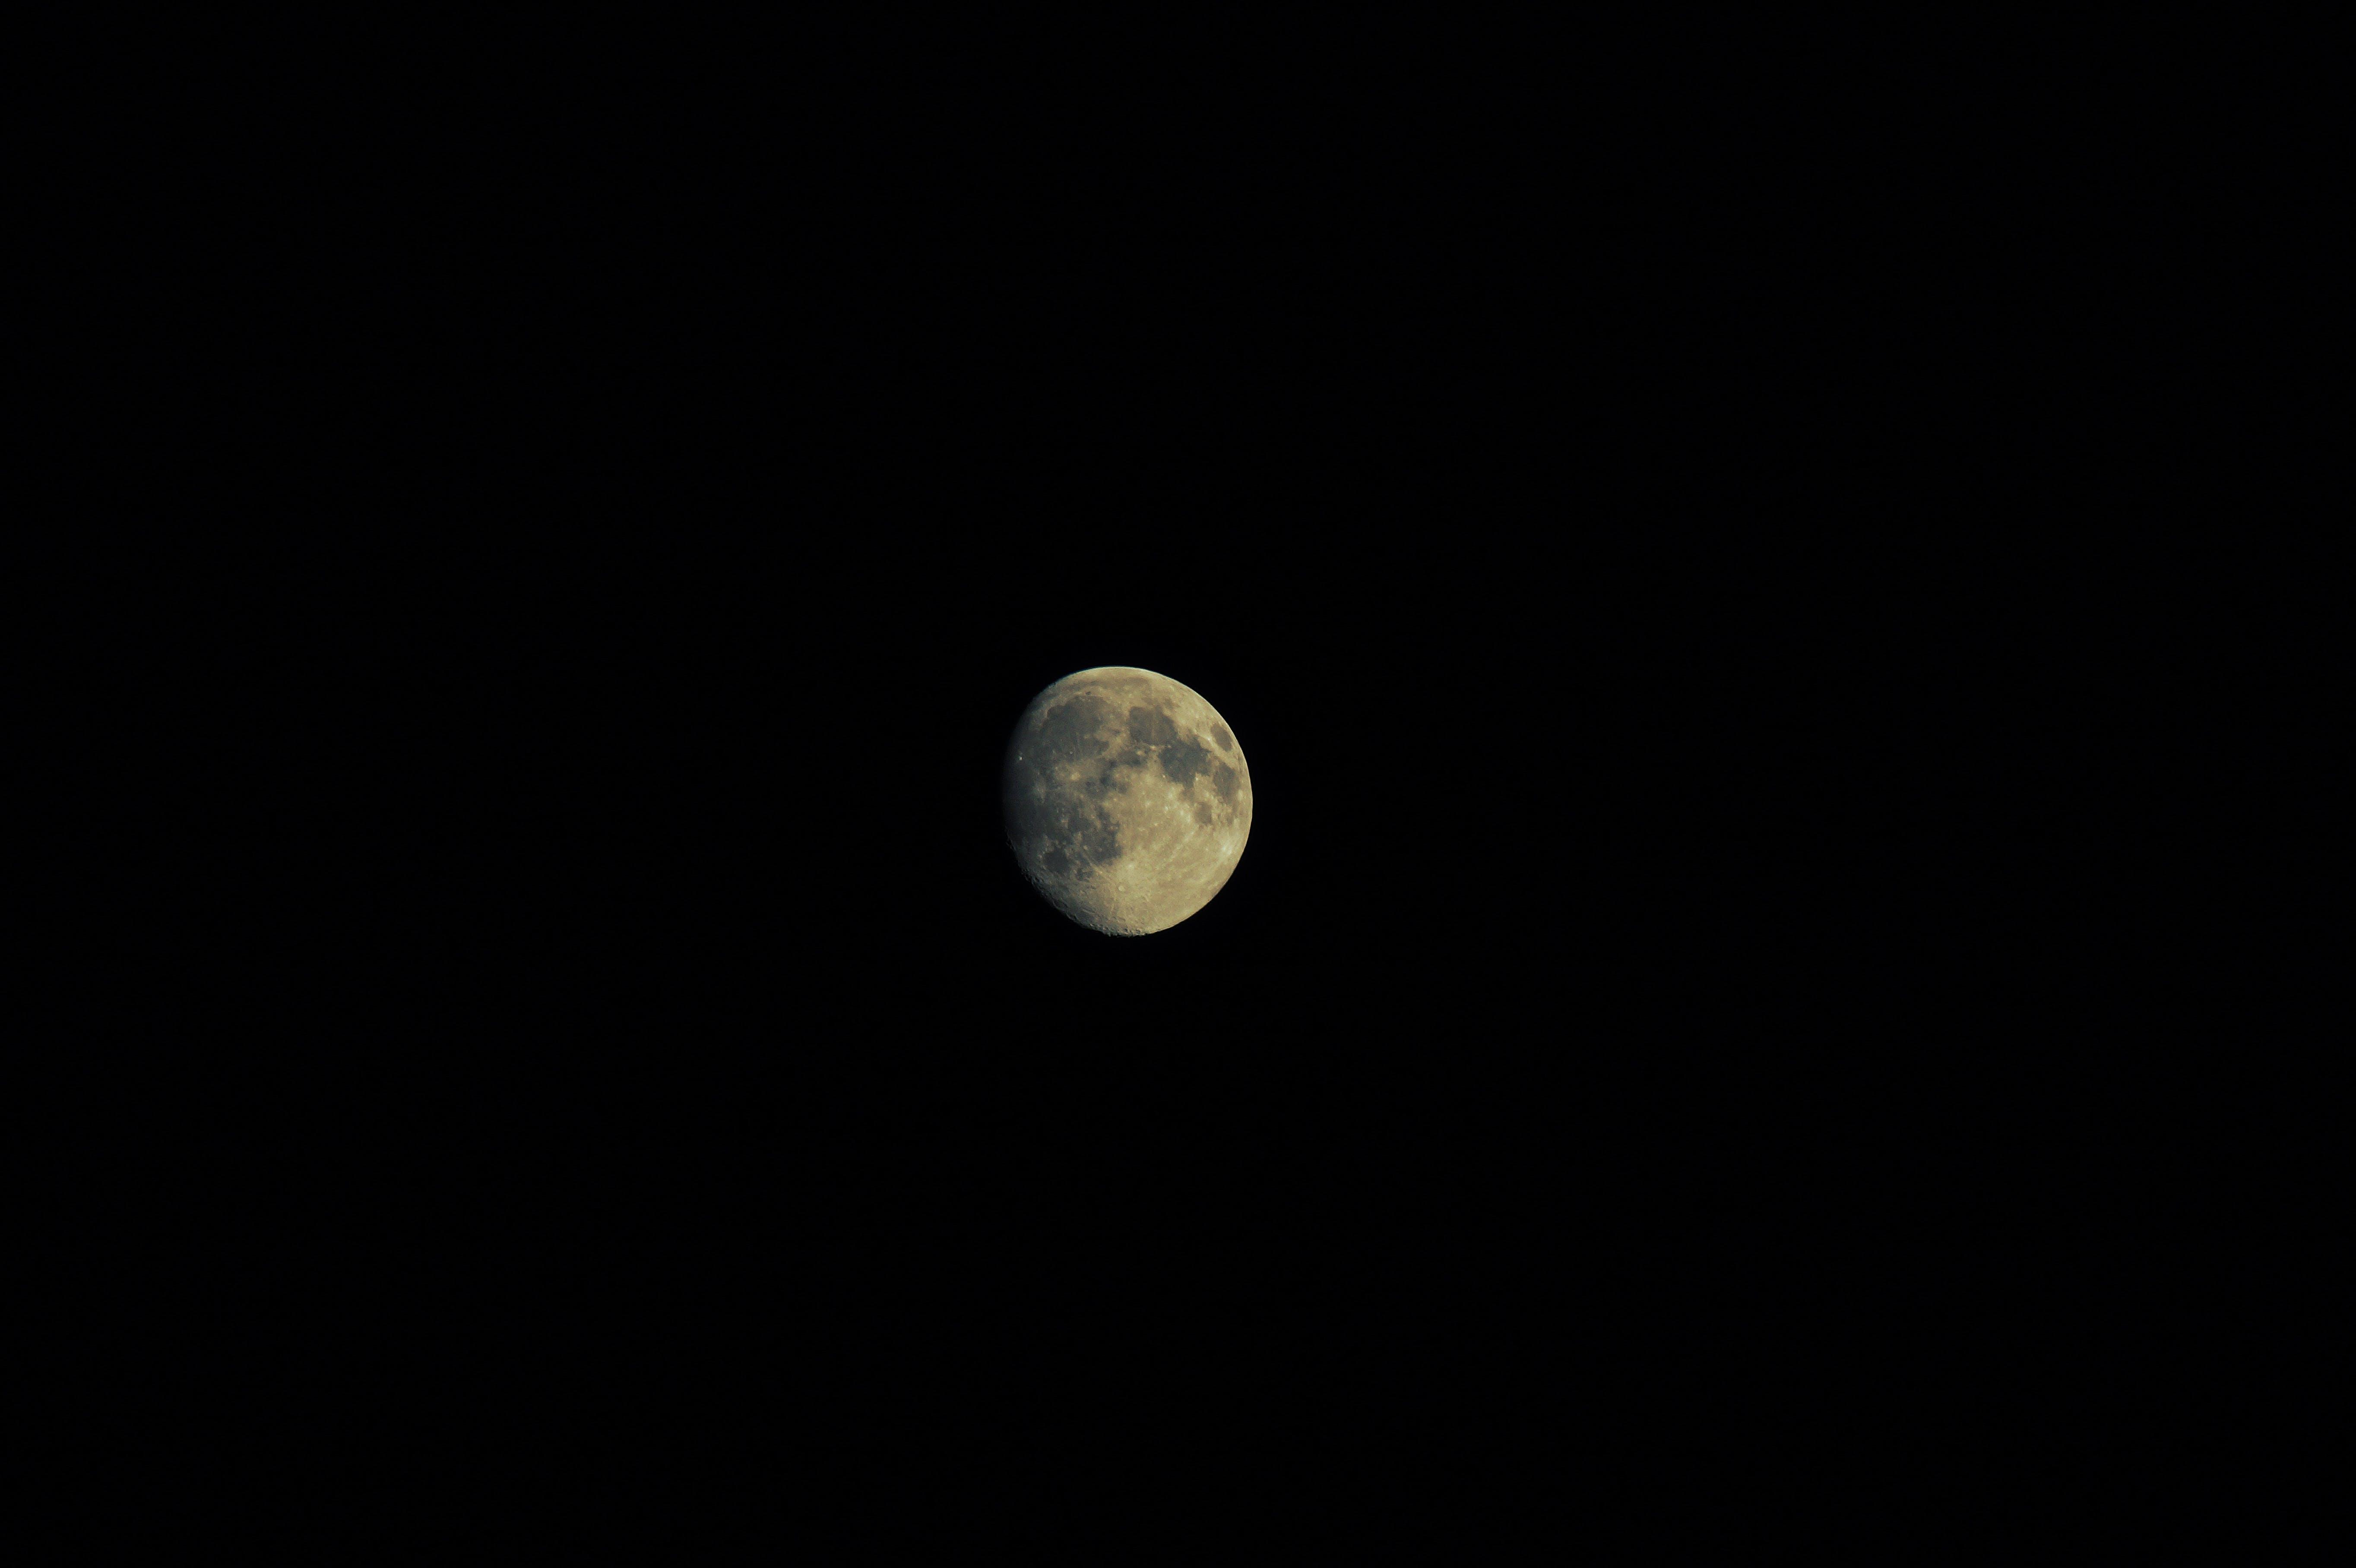 Kostenloses Stock Foto zu astronomie, dunkel, mond, nacht